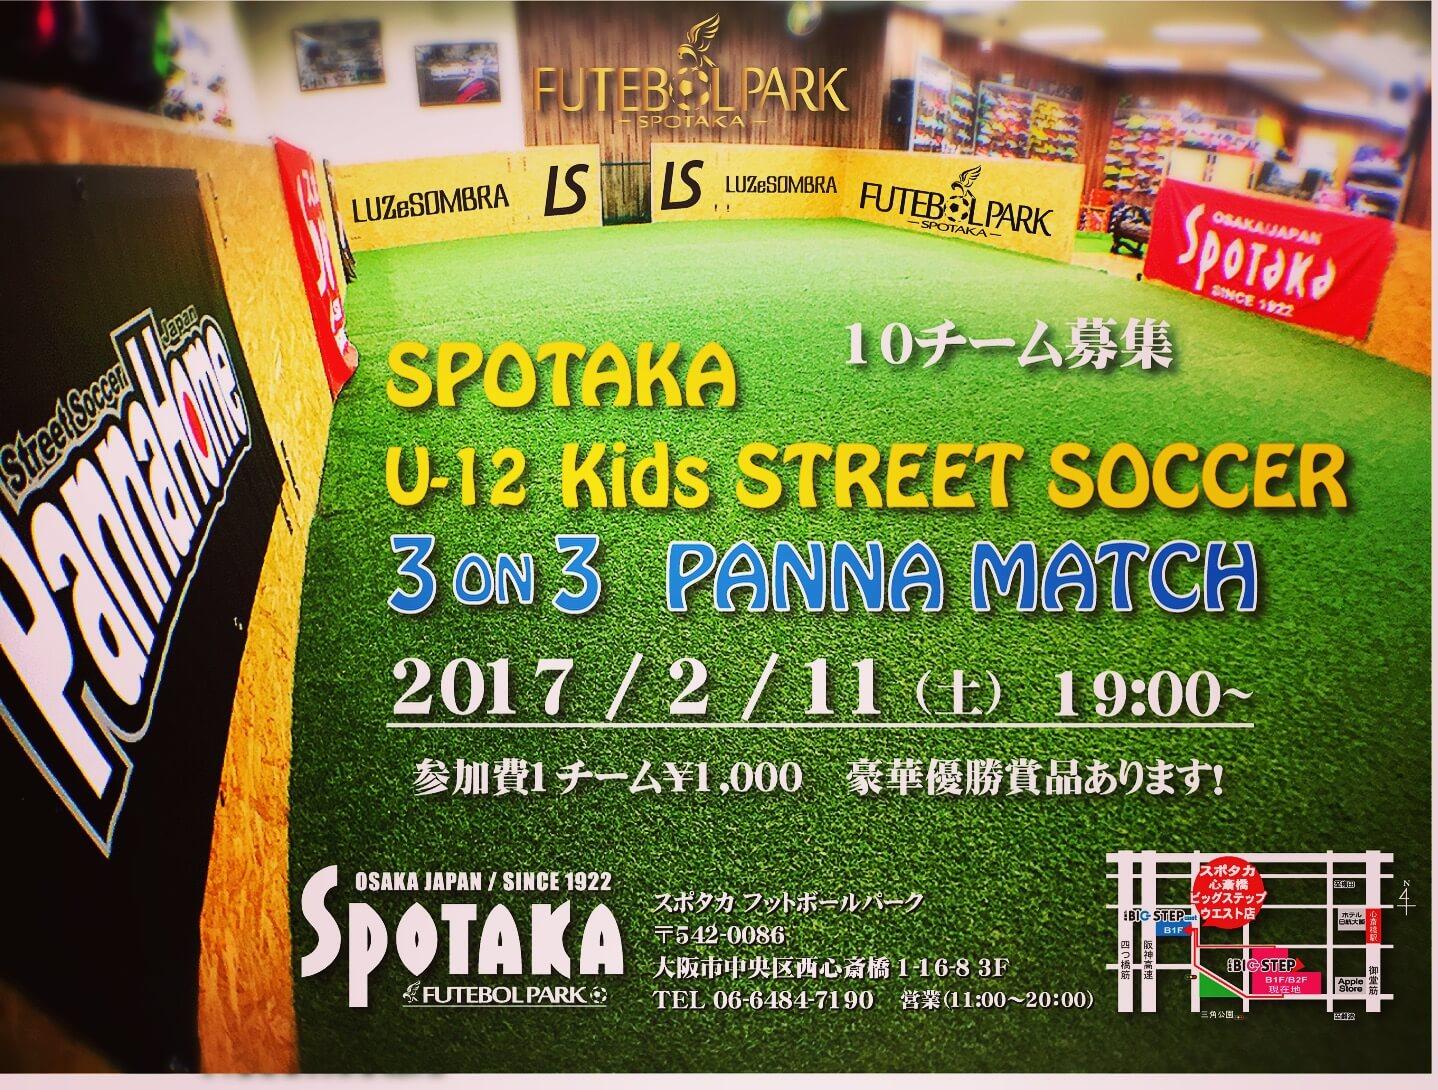 スポタカ キッズ ストリートサッカー マッチ